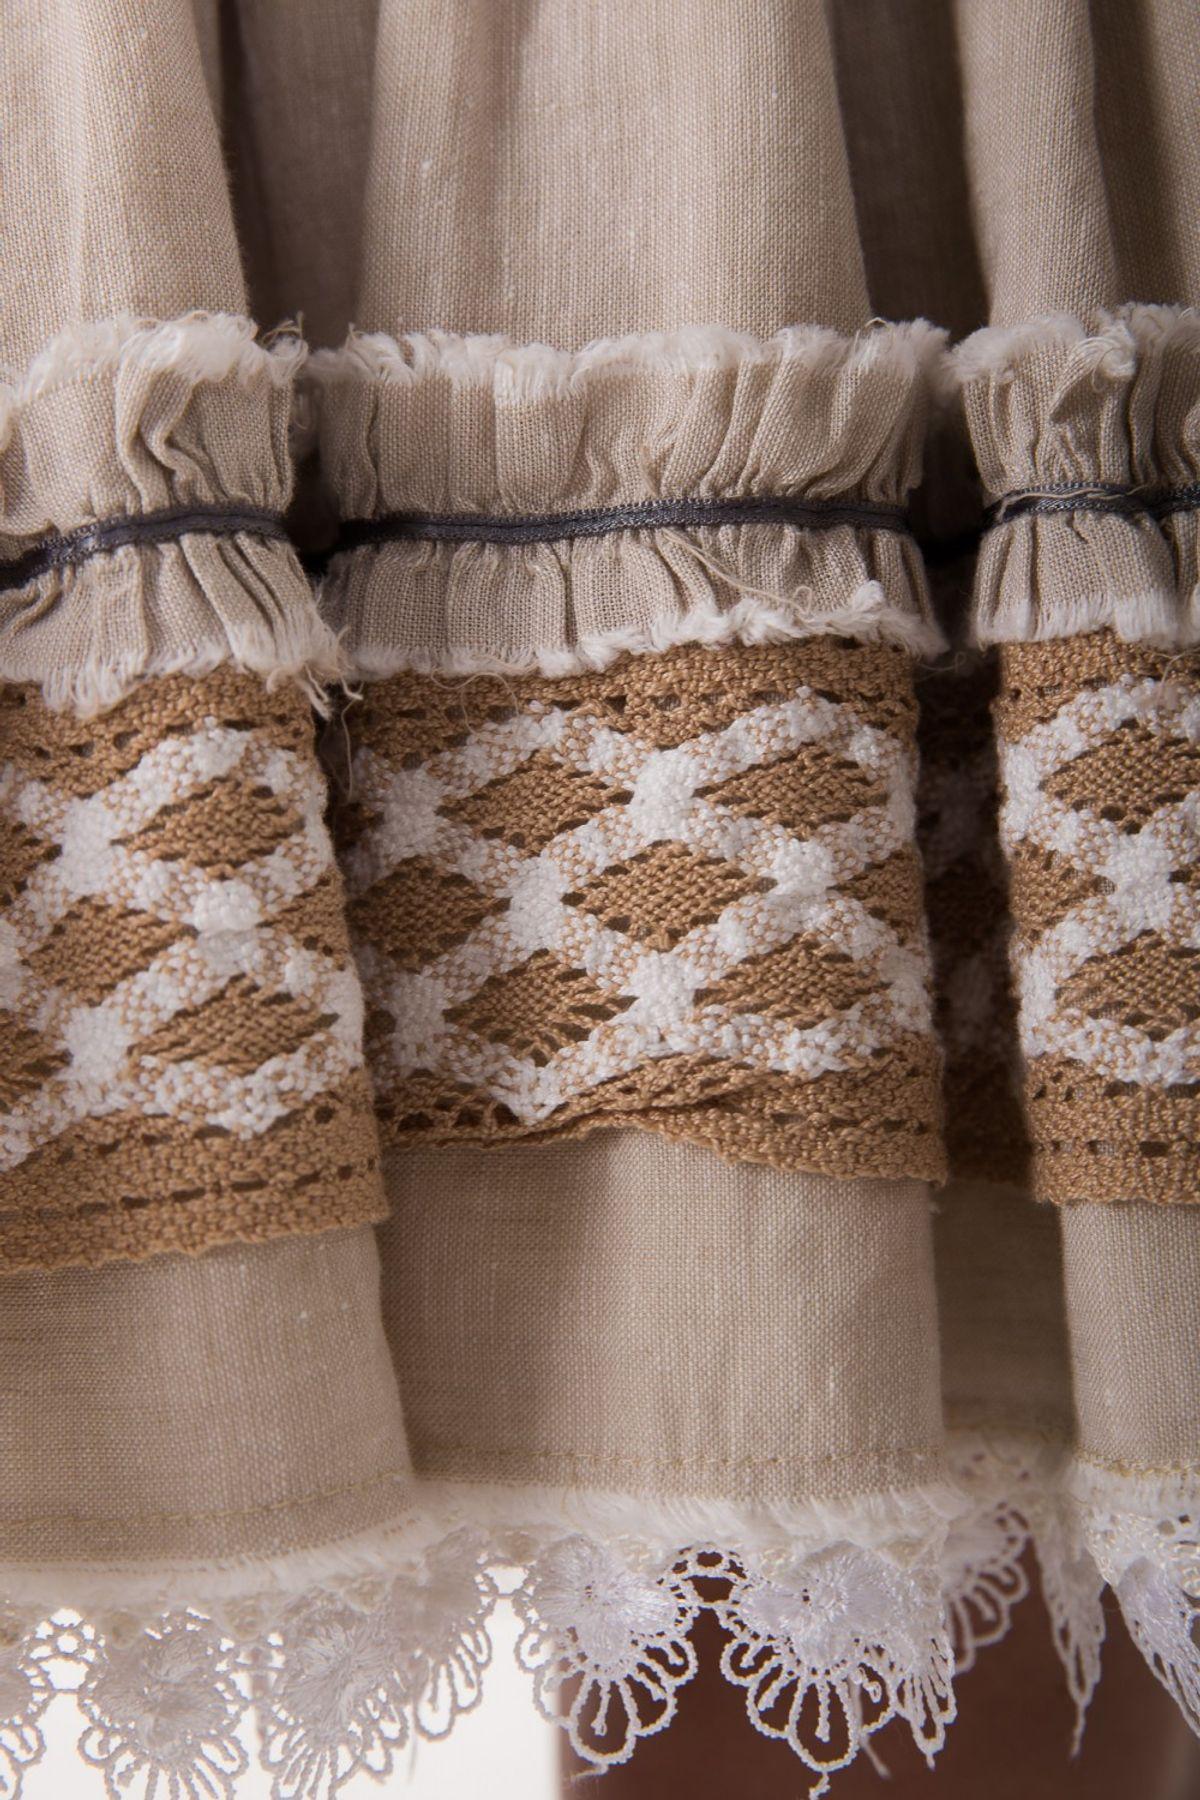 Krüger - Damen Trachtenrock mit Lederhosen Steg in Grau, Helene (Artikelnummer: 32335-15) – Bild 6